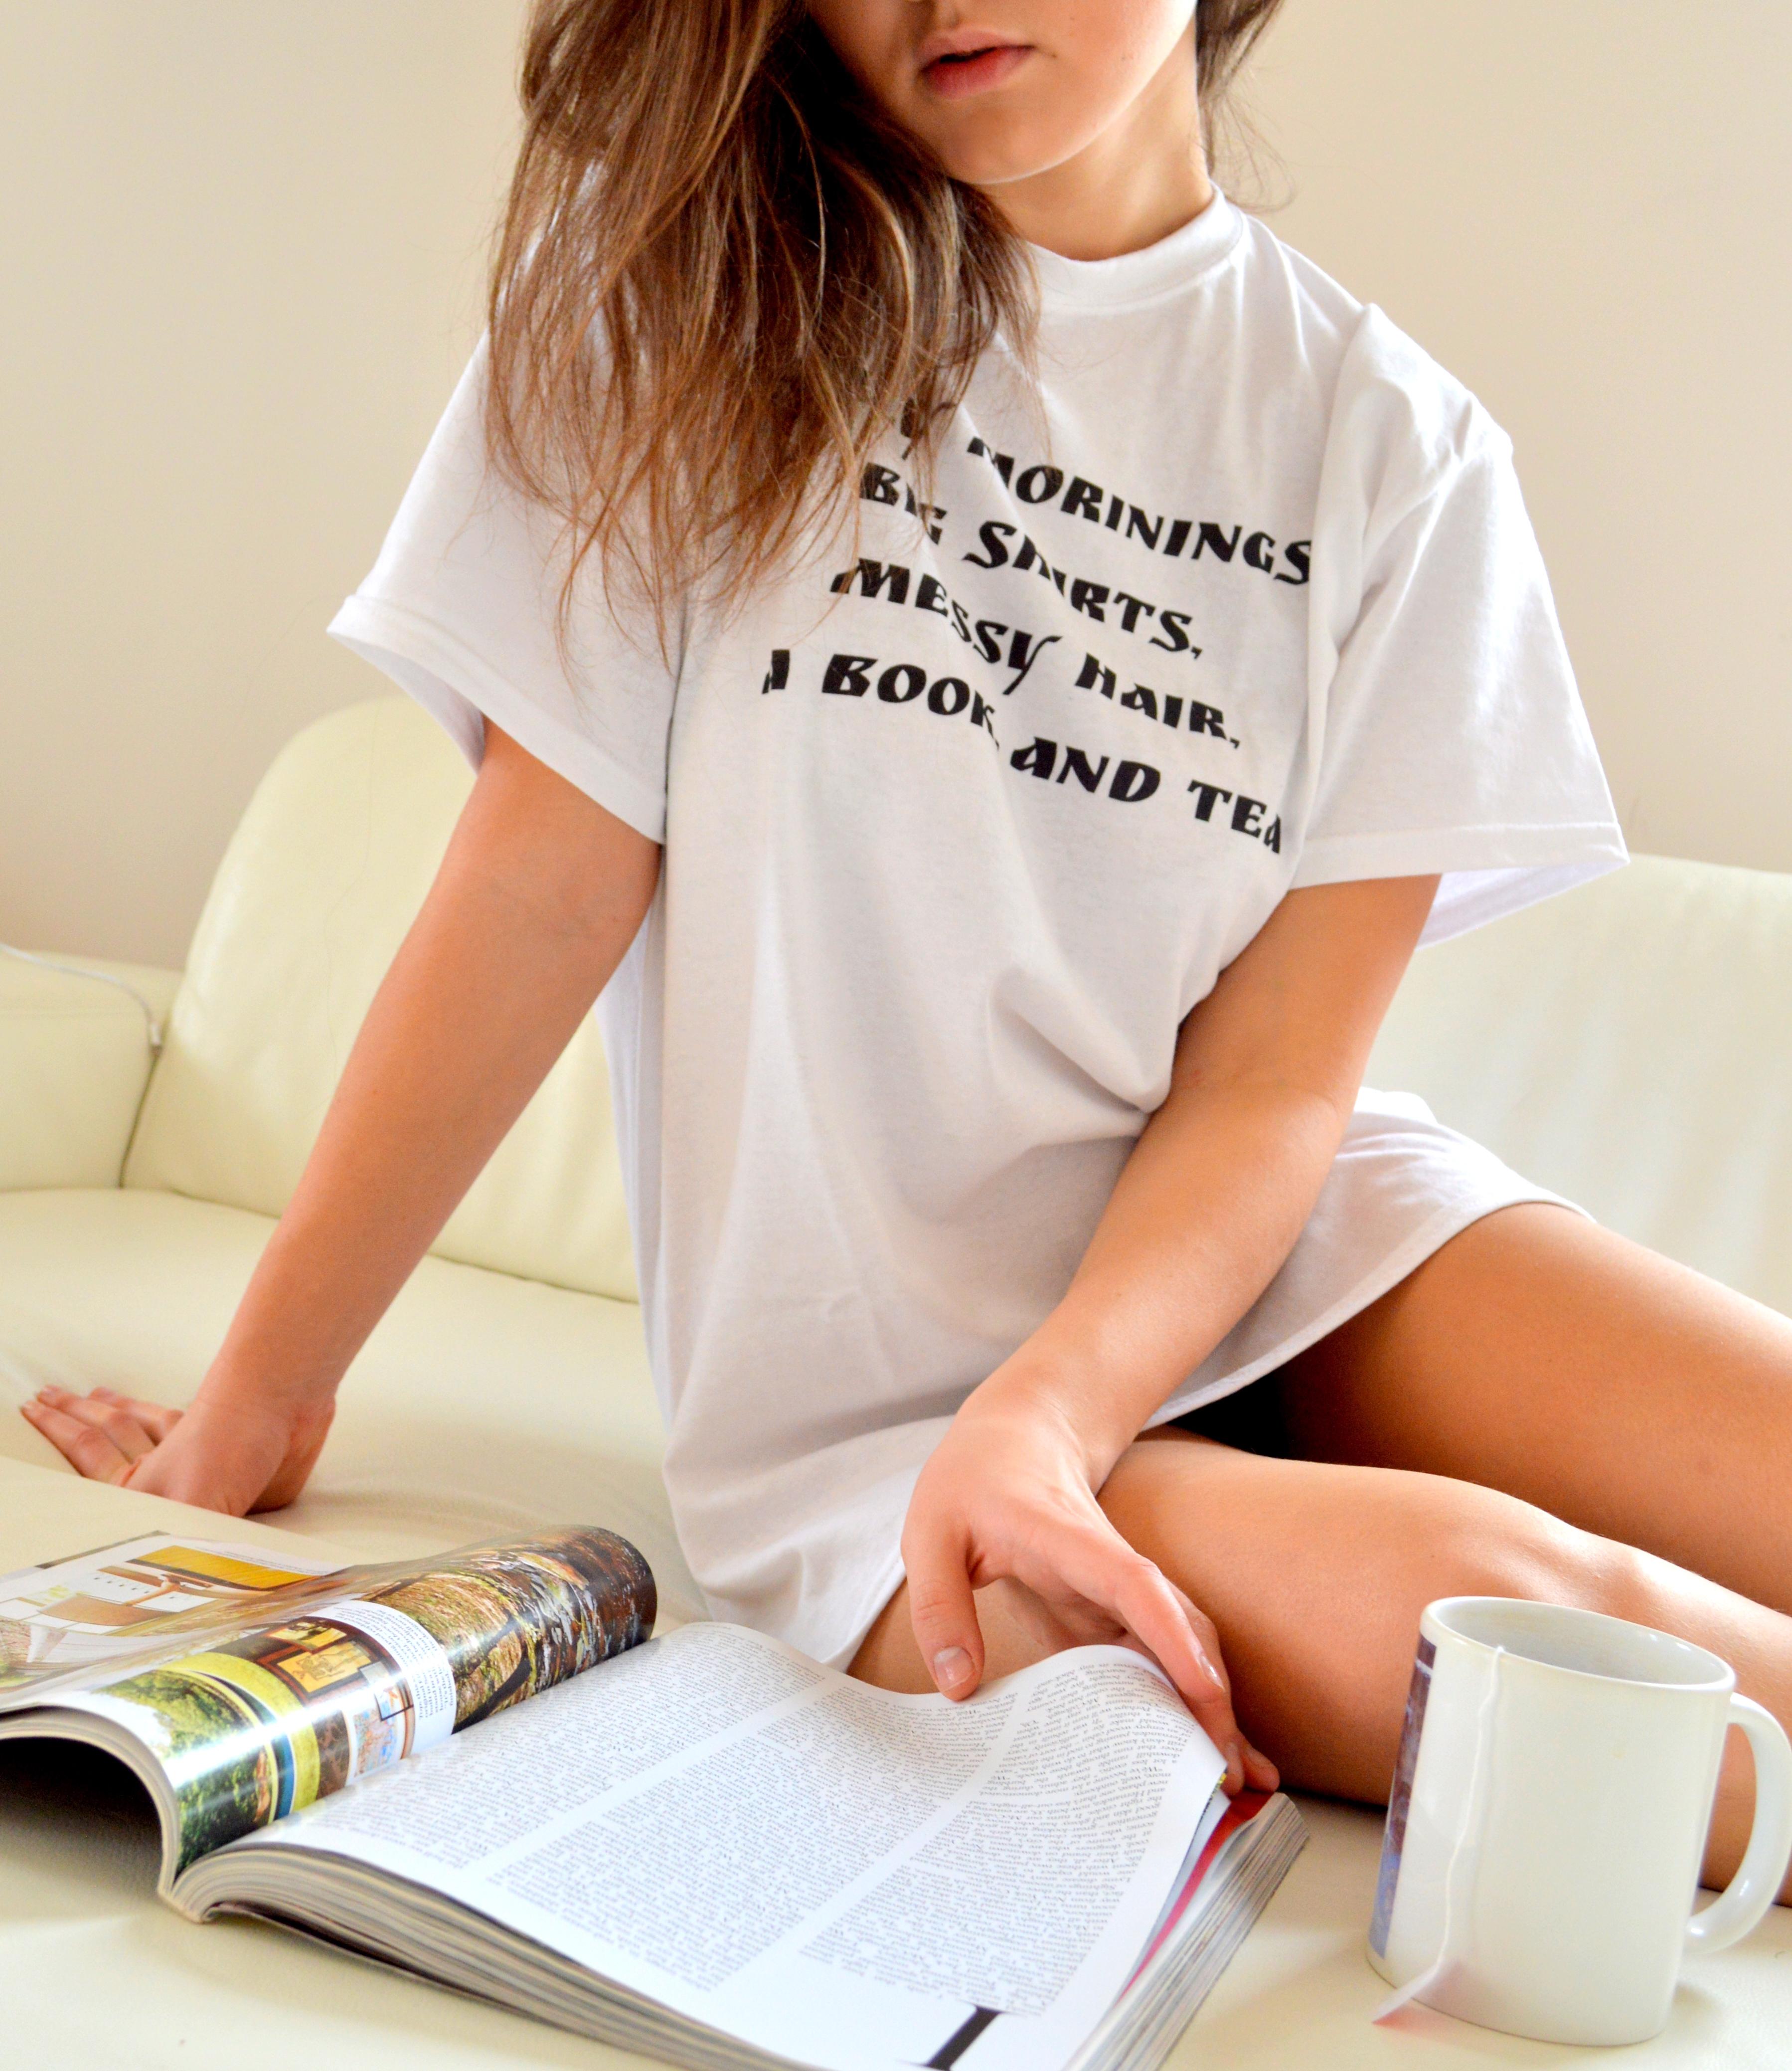 első üzenet online társkereső egy lány példákkal